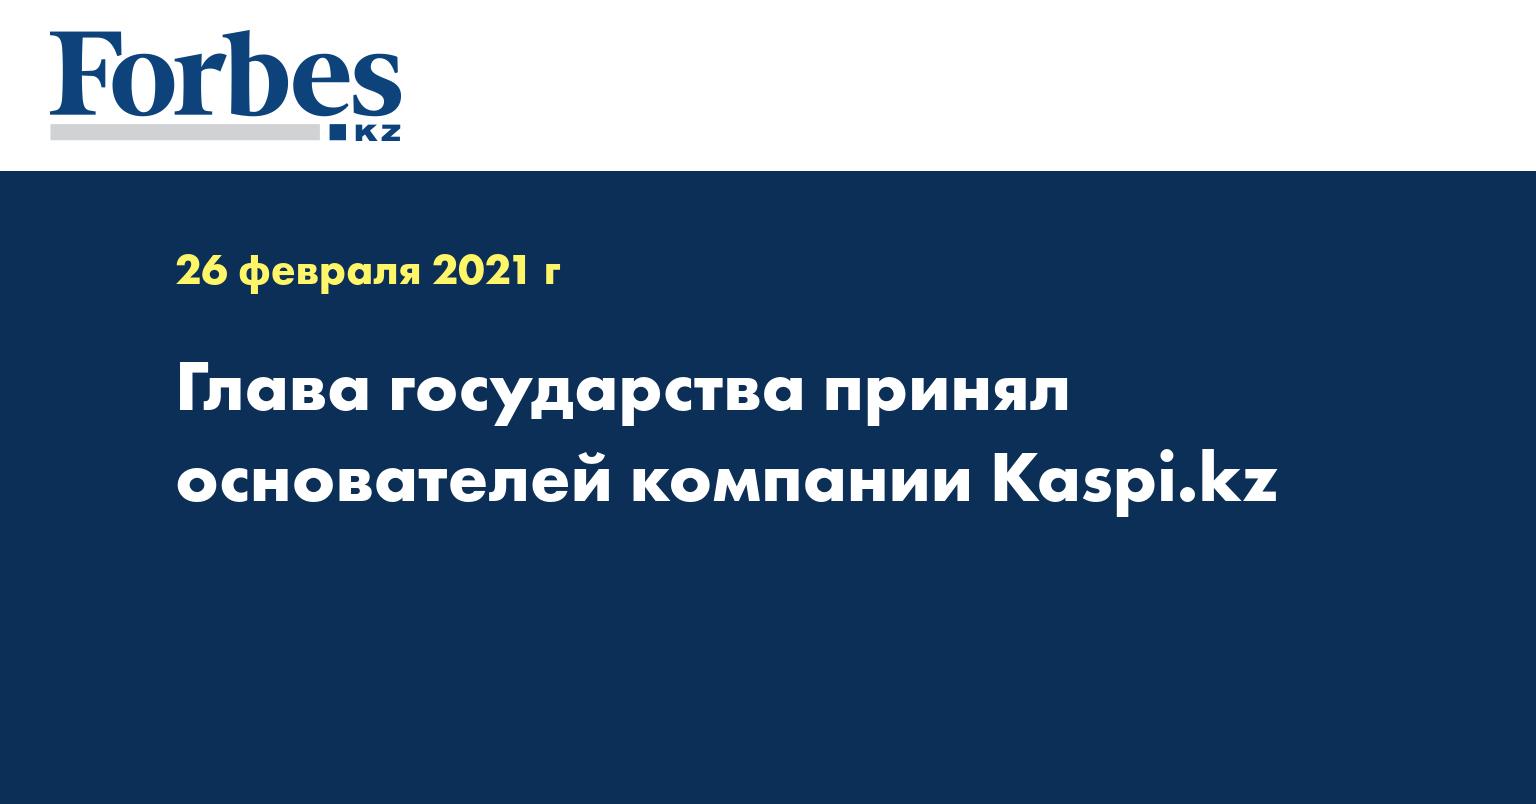 Глава государства принял основателей компании Kaspi.kz